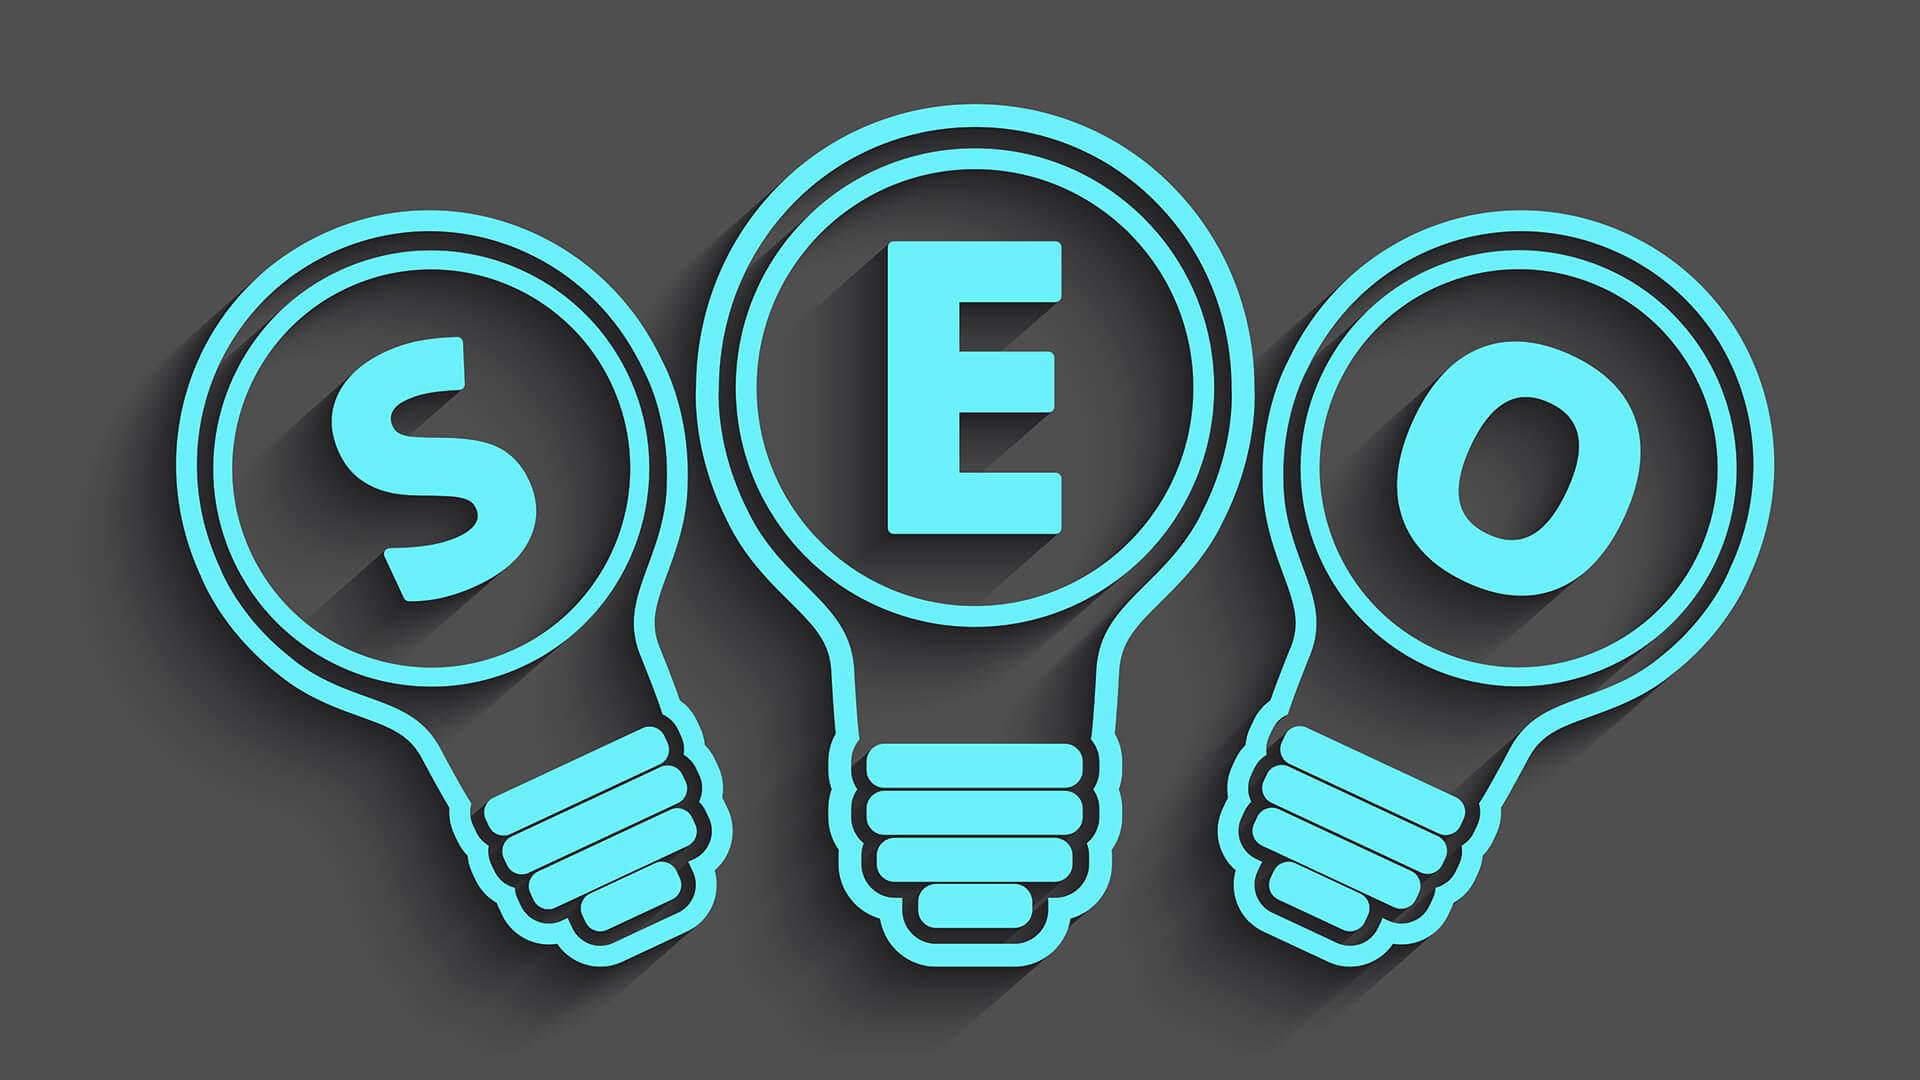 Aktuelle SEO-Studie: Nach welchen Kriterien ordnet Google Inhalte ein?